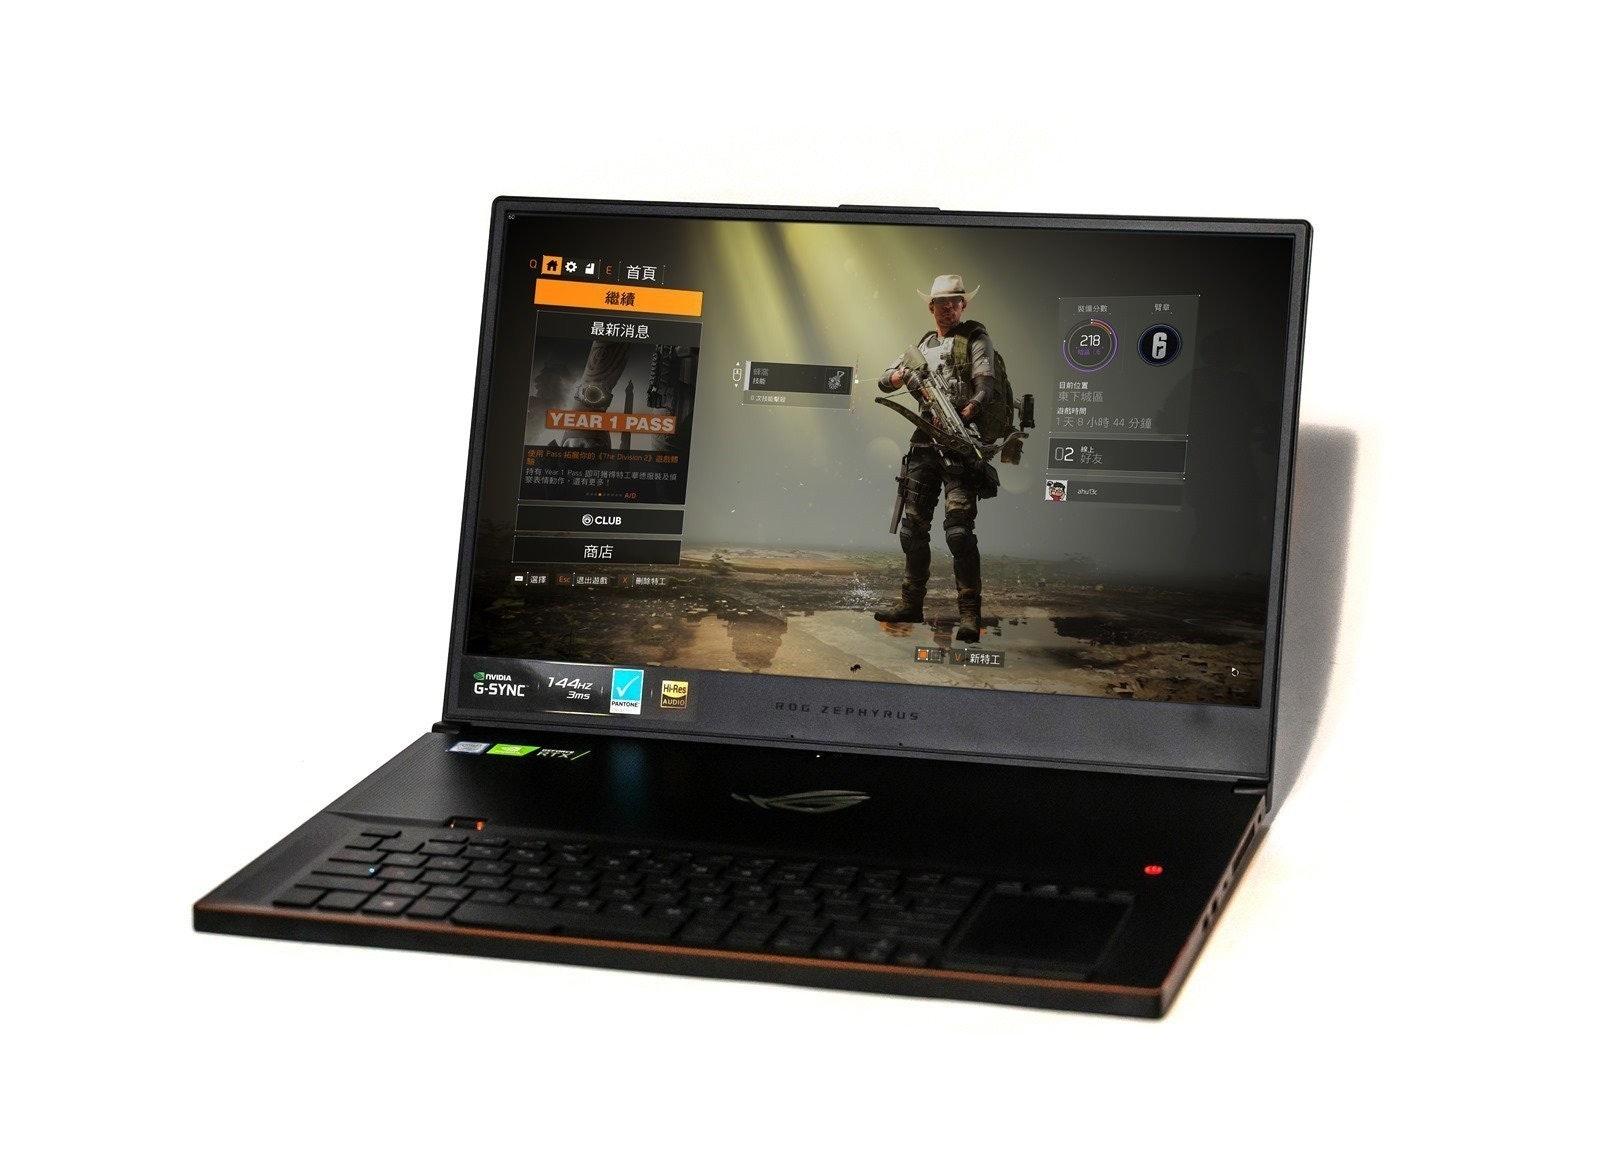 是最強最薄!新一代 ASUS ROG Zephyrus S GX701 帶來 RTX 最強顯卡的世界最薄 17 吋電競筆電!這篇文章的首圖